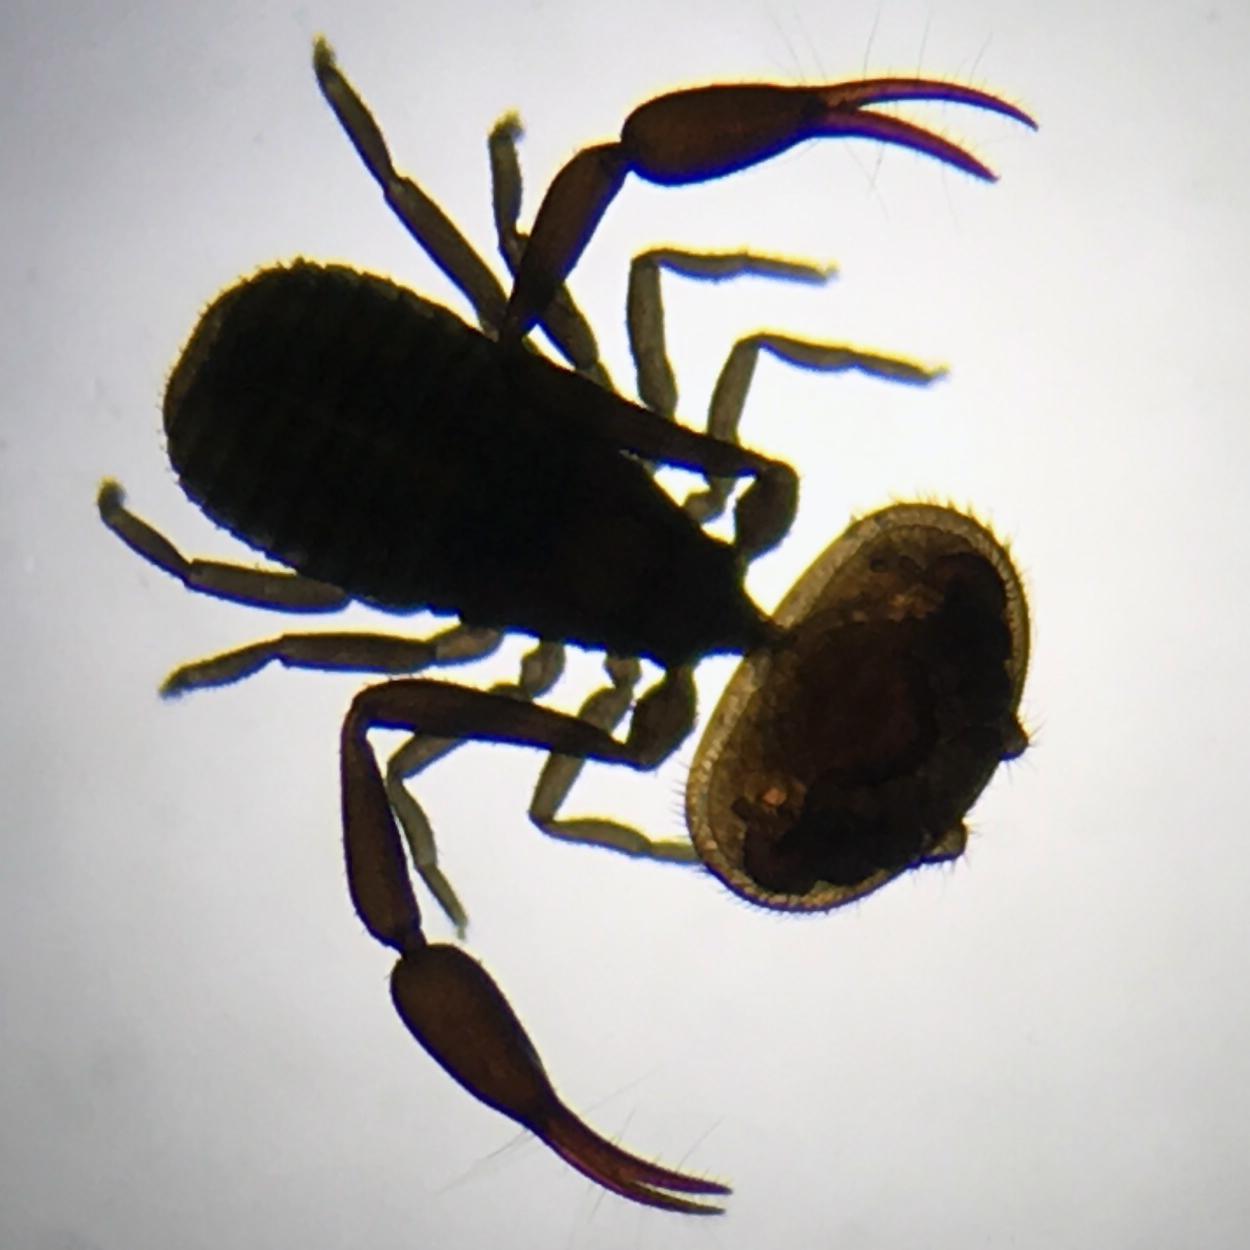 Image of Varroa